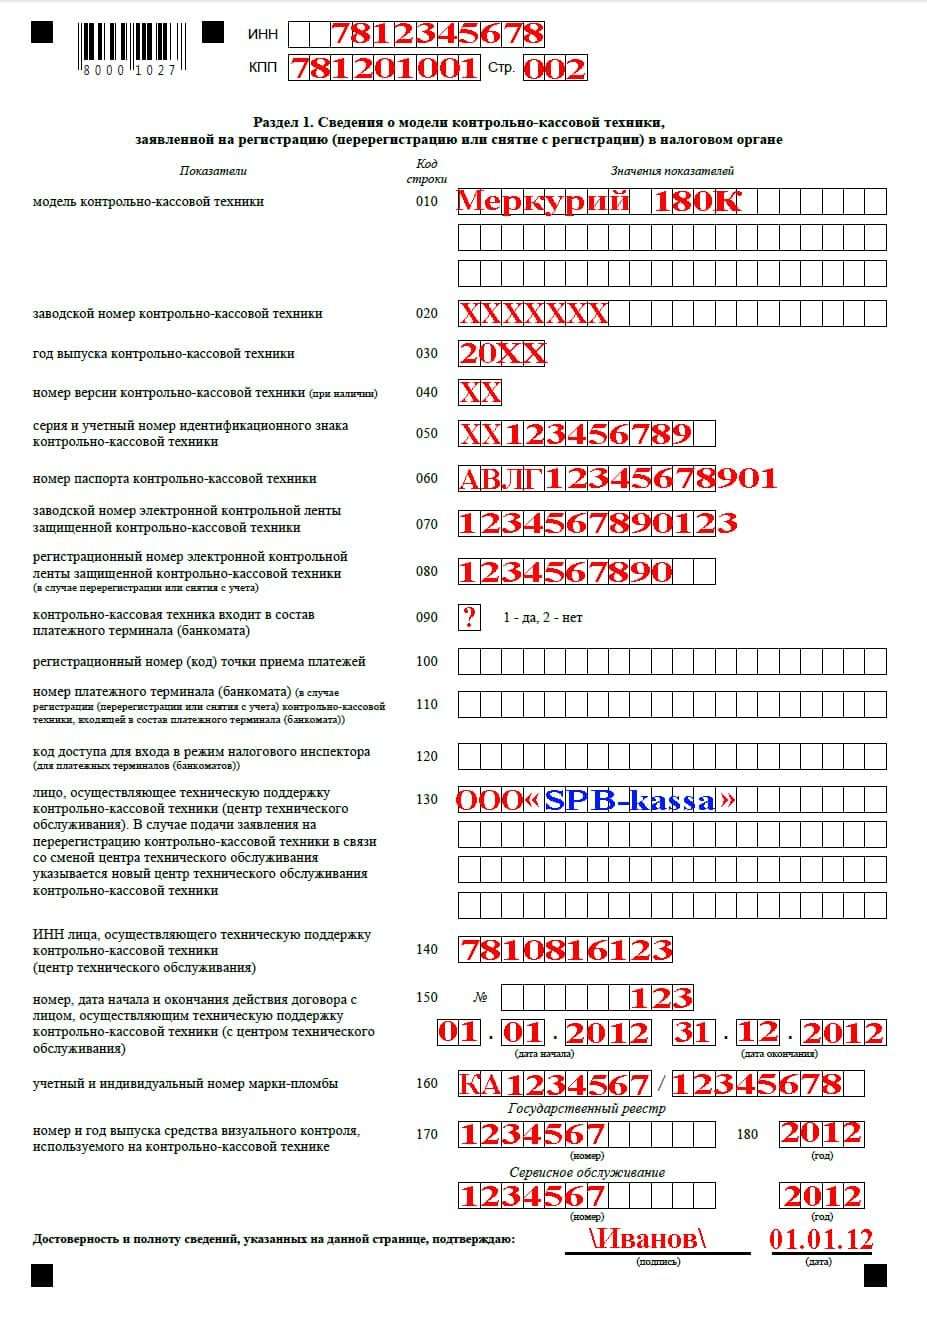 образец доверенности в налоговую на регистрацию ккм